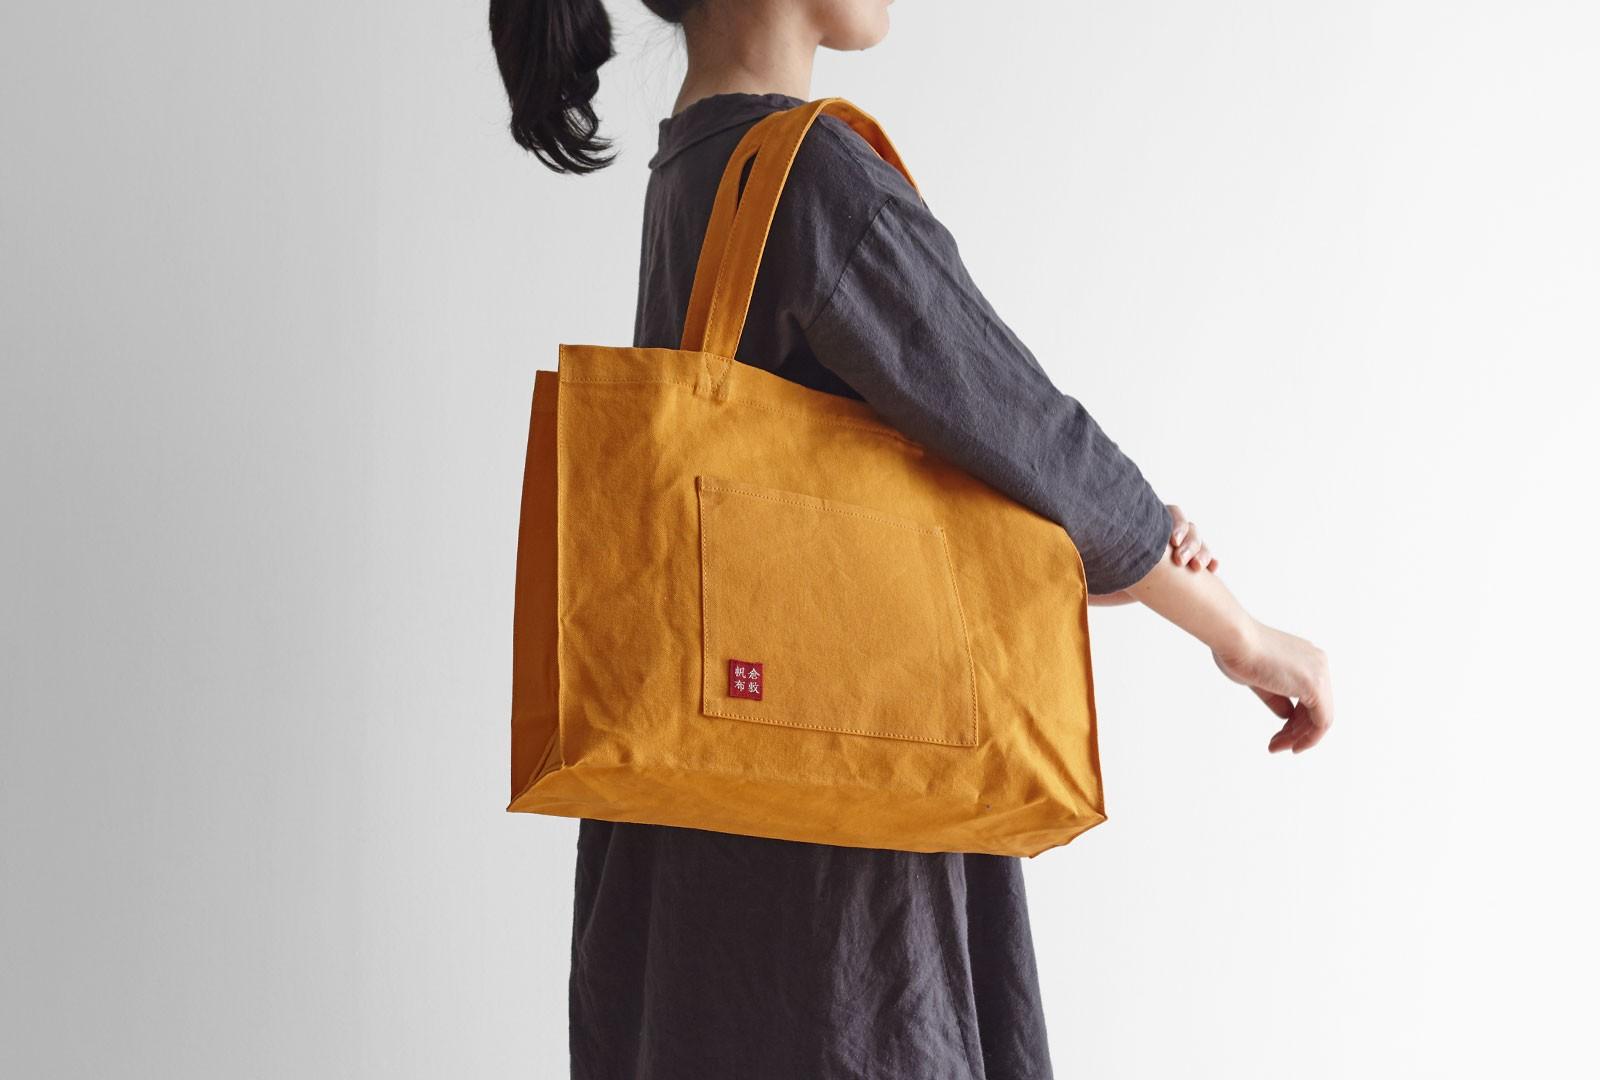 Giá túi canvas luôn là điều quan tâm của nhiều doanh nghiệp khi đặt túi